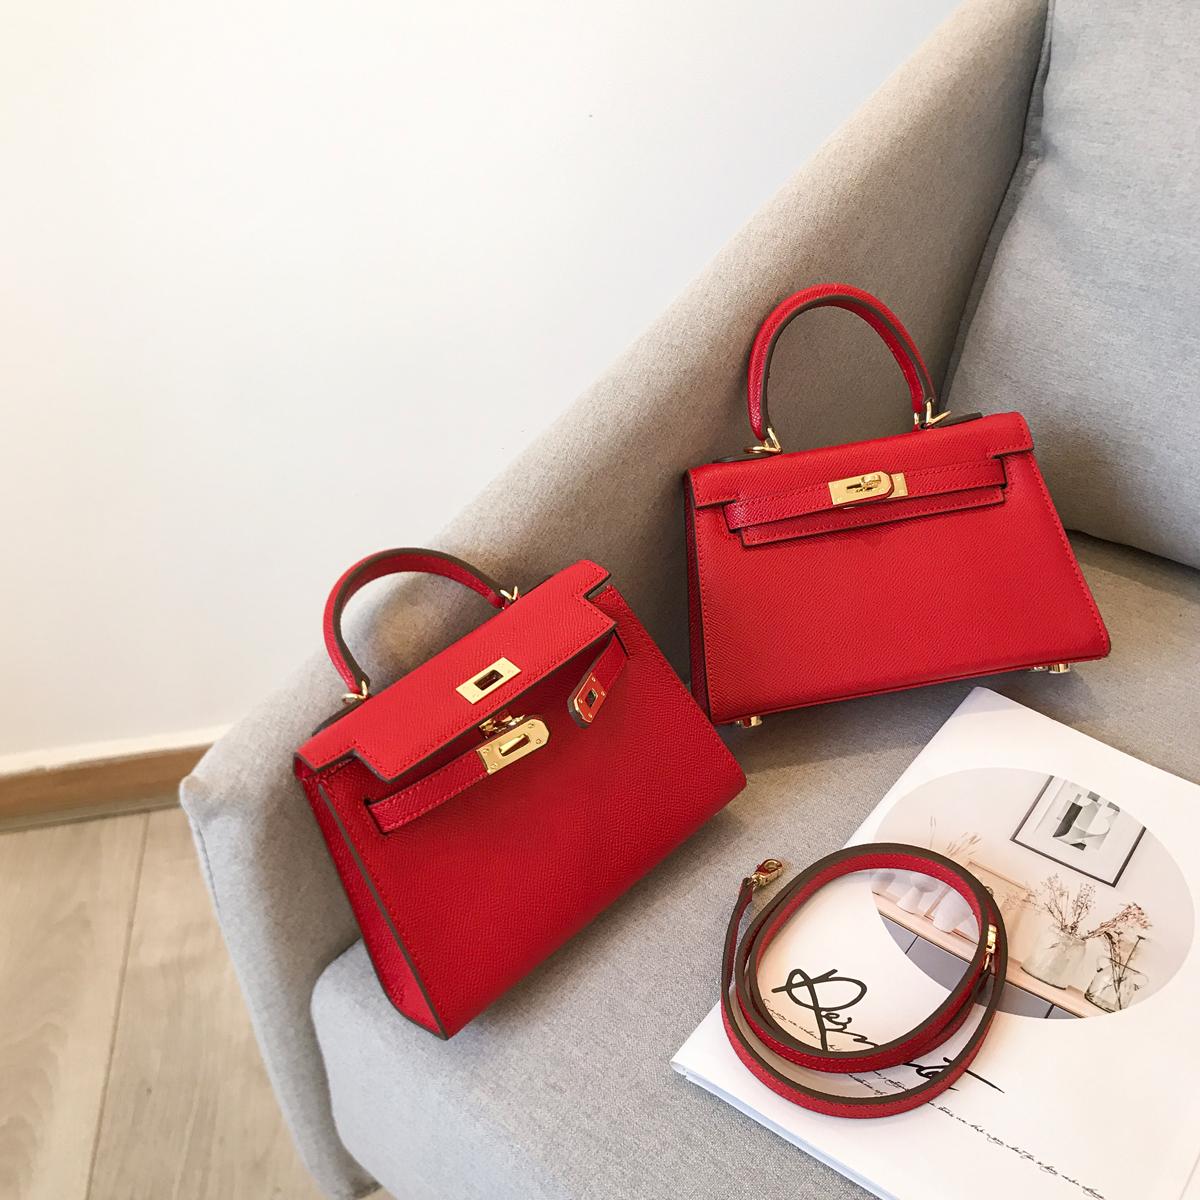 红色迷你包 YIXXI定制 秋冬新款手提小包包 红色 牛皮凯莉包 迷你单肩包_推荐淘宝好看的红色迷你包